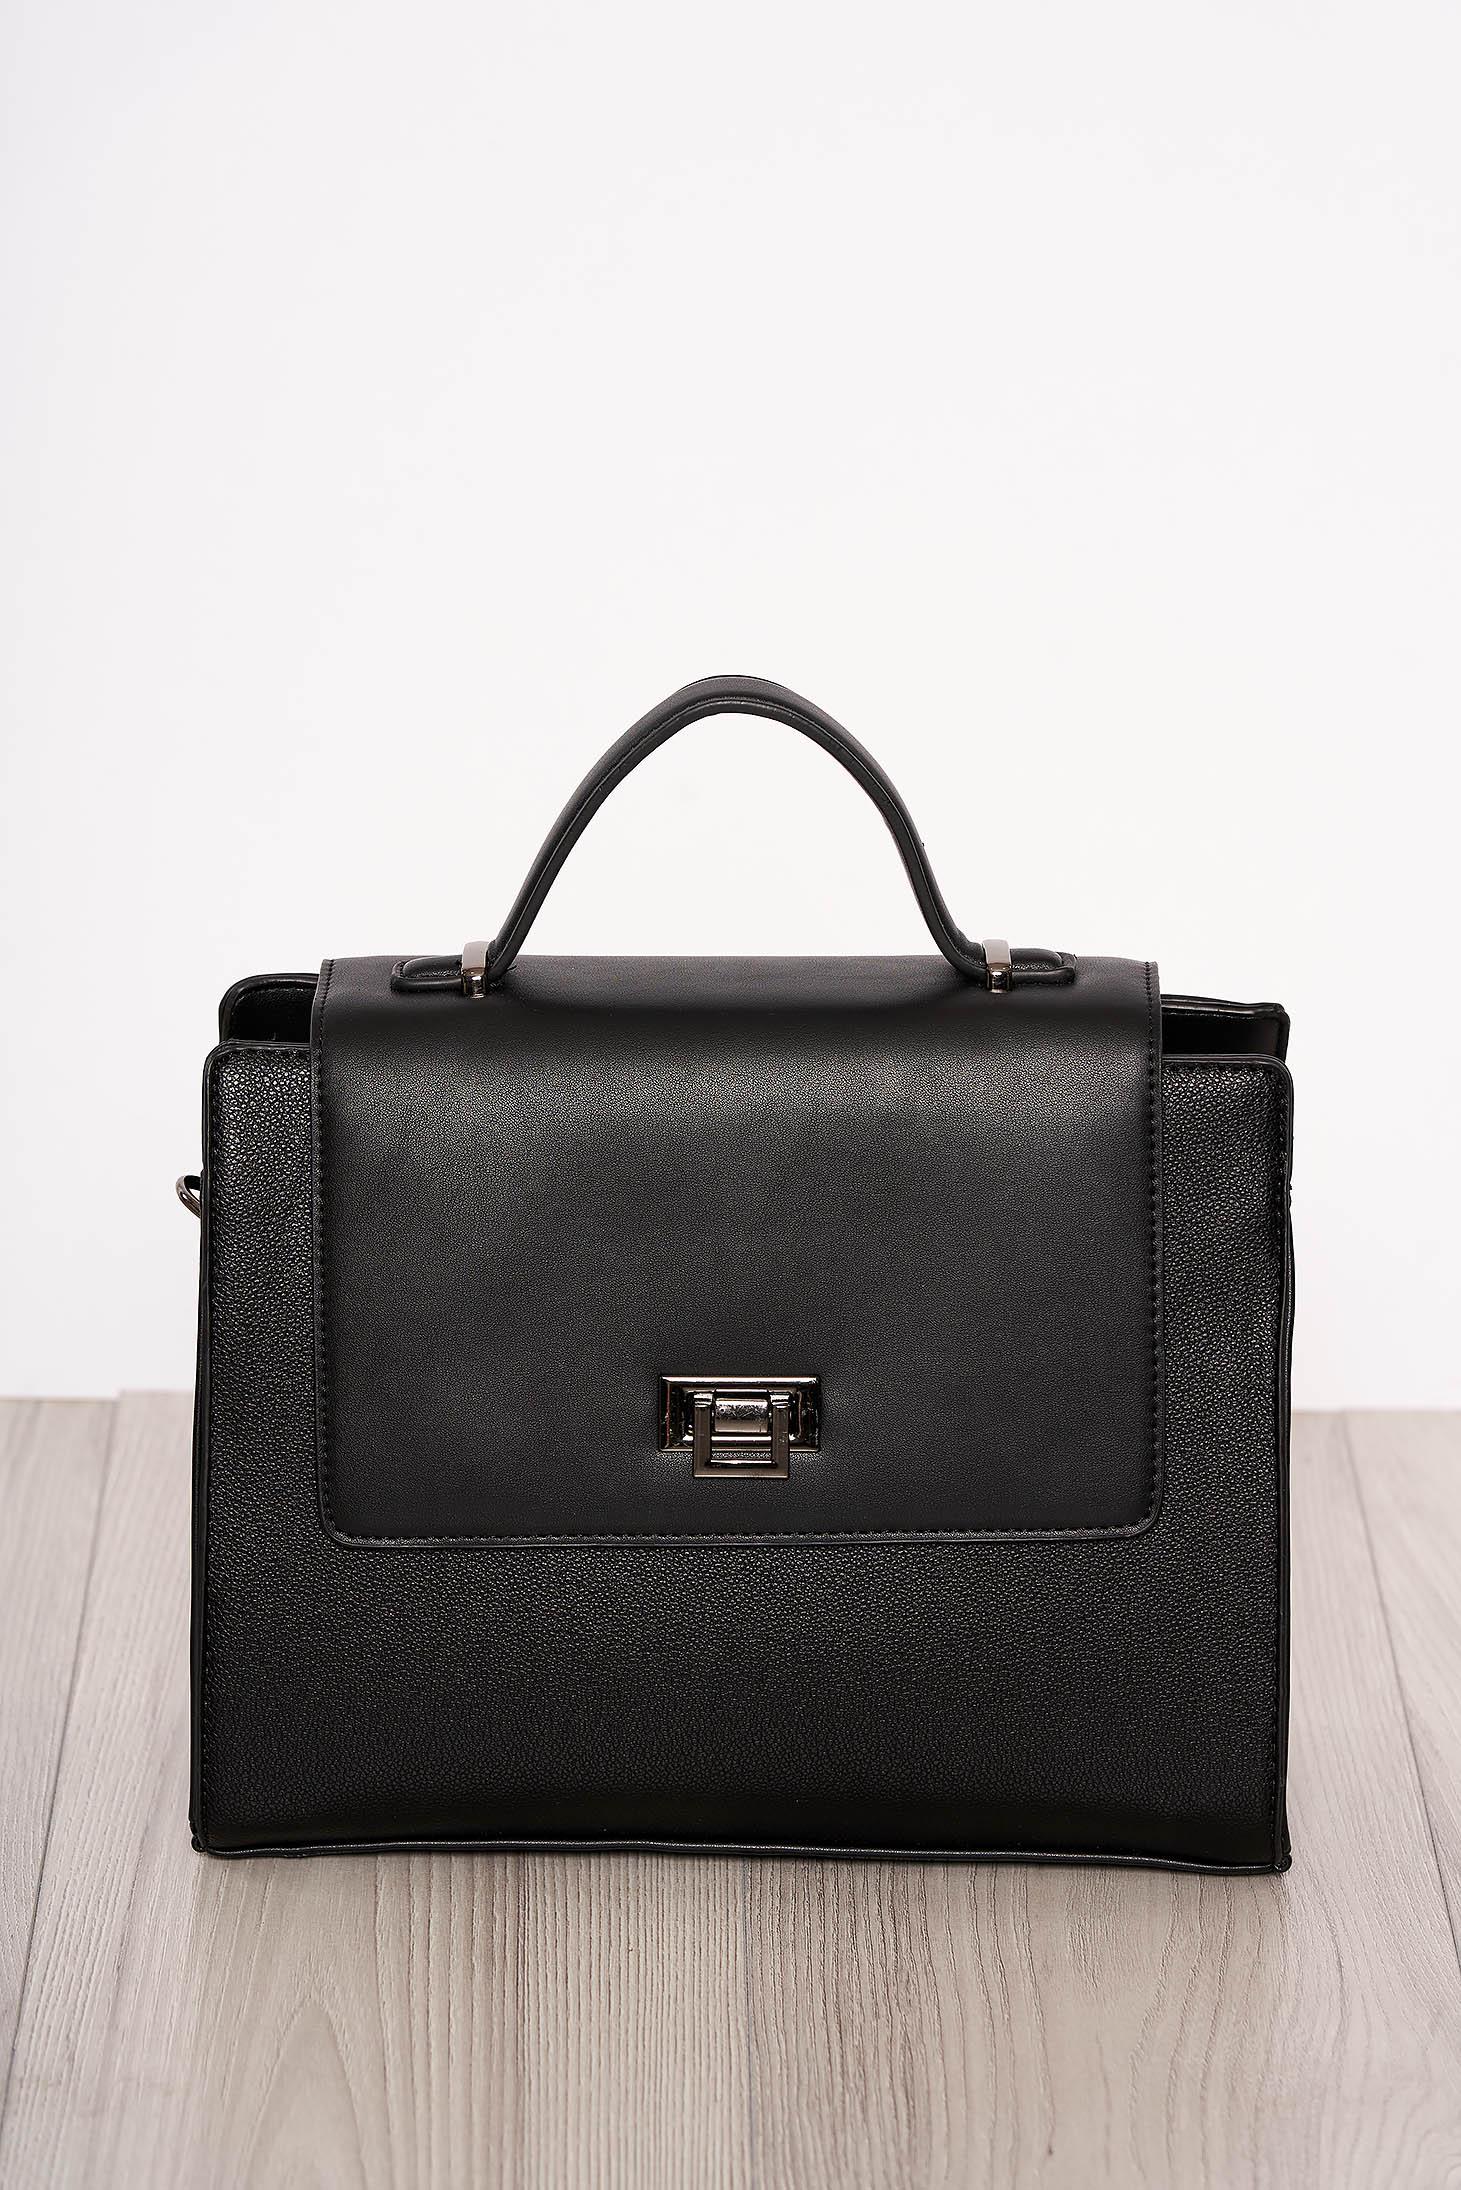 Bag black elegant faux leather short handles